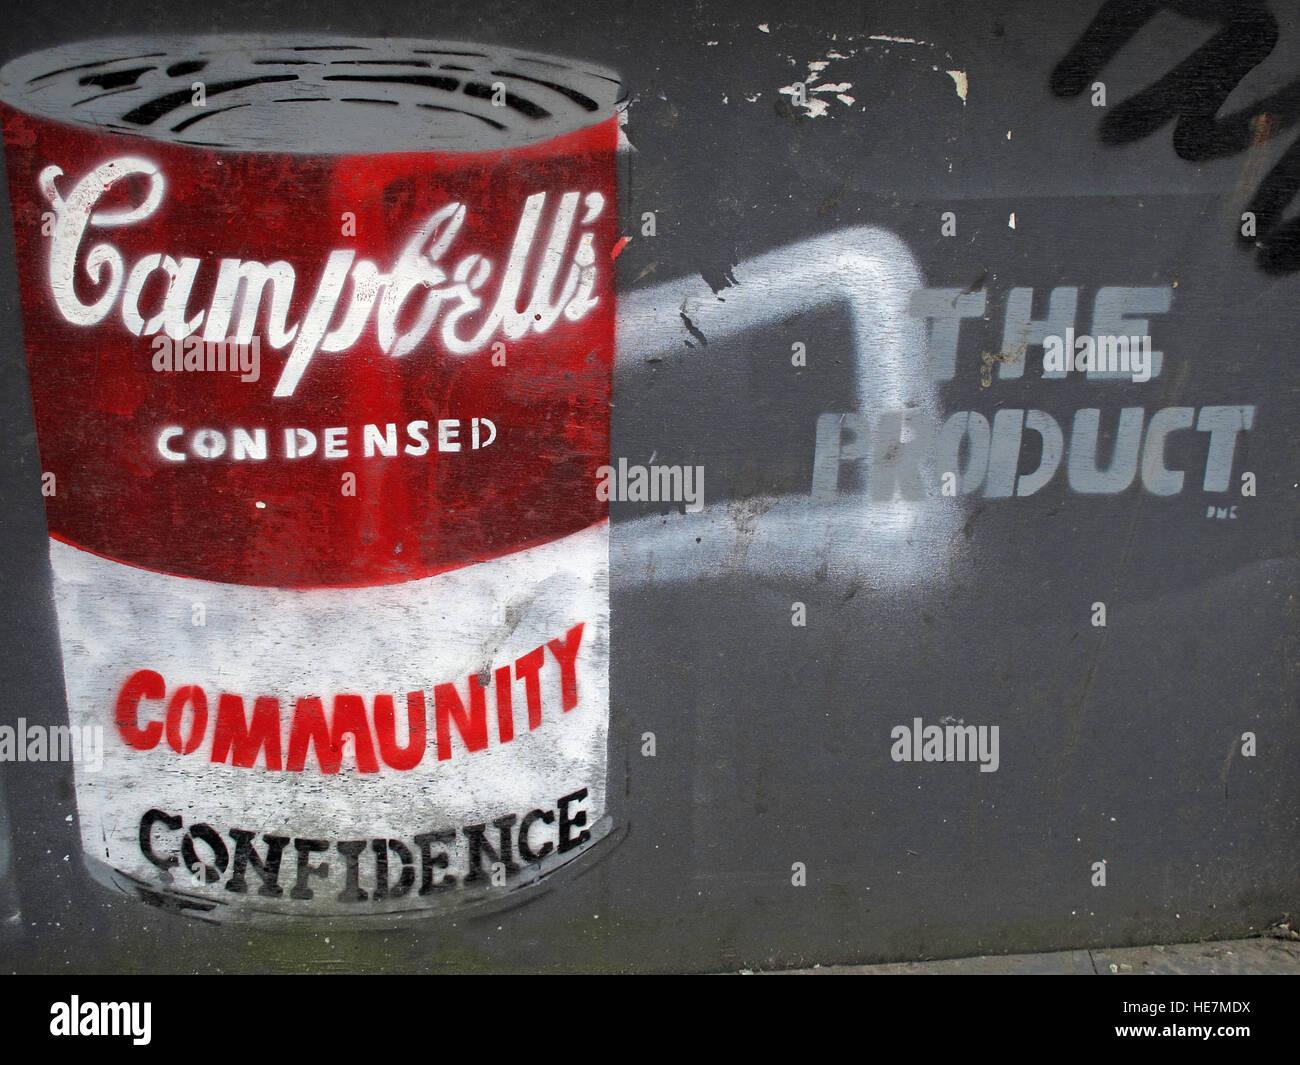 Laden Sie dieses Alamy Stockfoto Gemeinschaft Vertrauen, Campbells, Suppe Zinn, Garfield St Belfast City Centre, Nordirland, Vereinigtes Königreich - HE7MDX